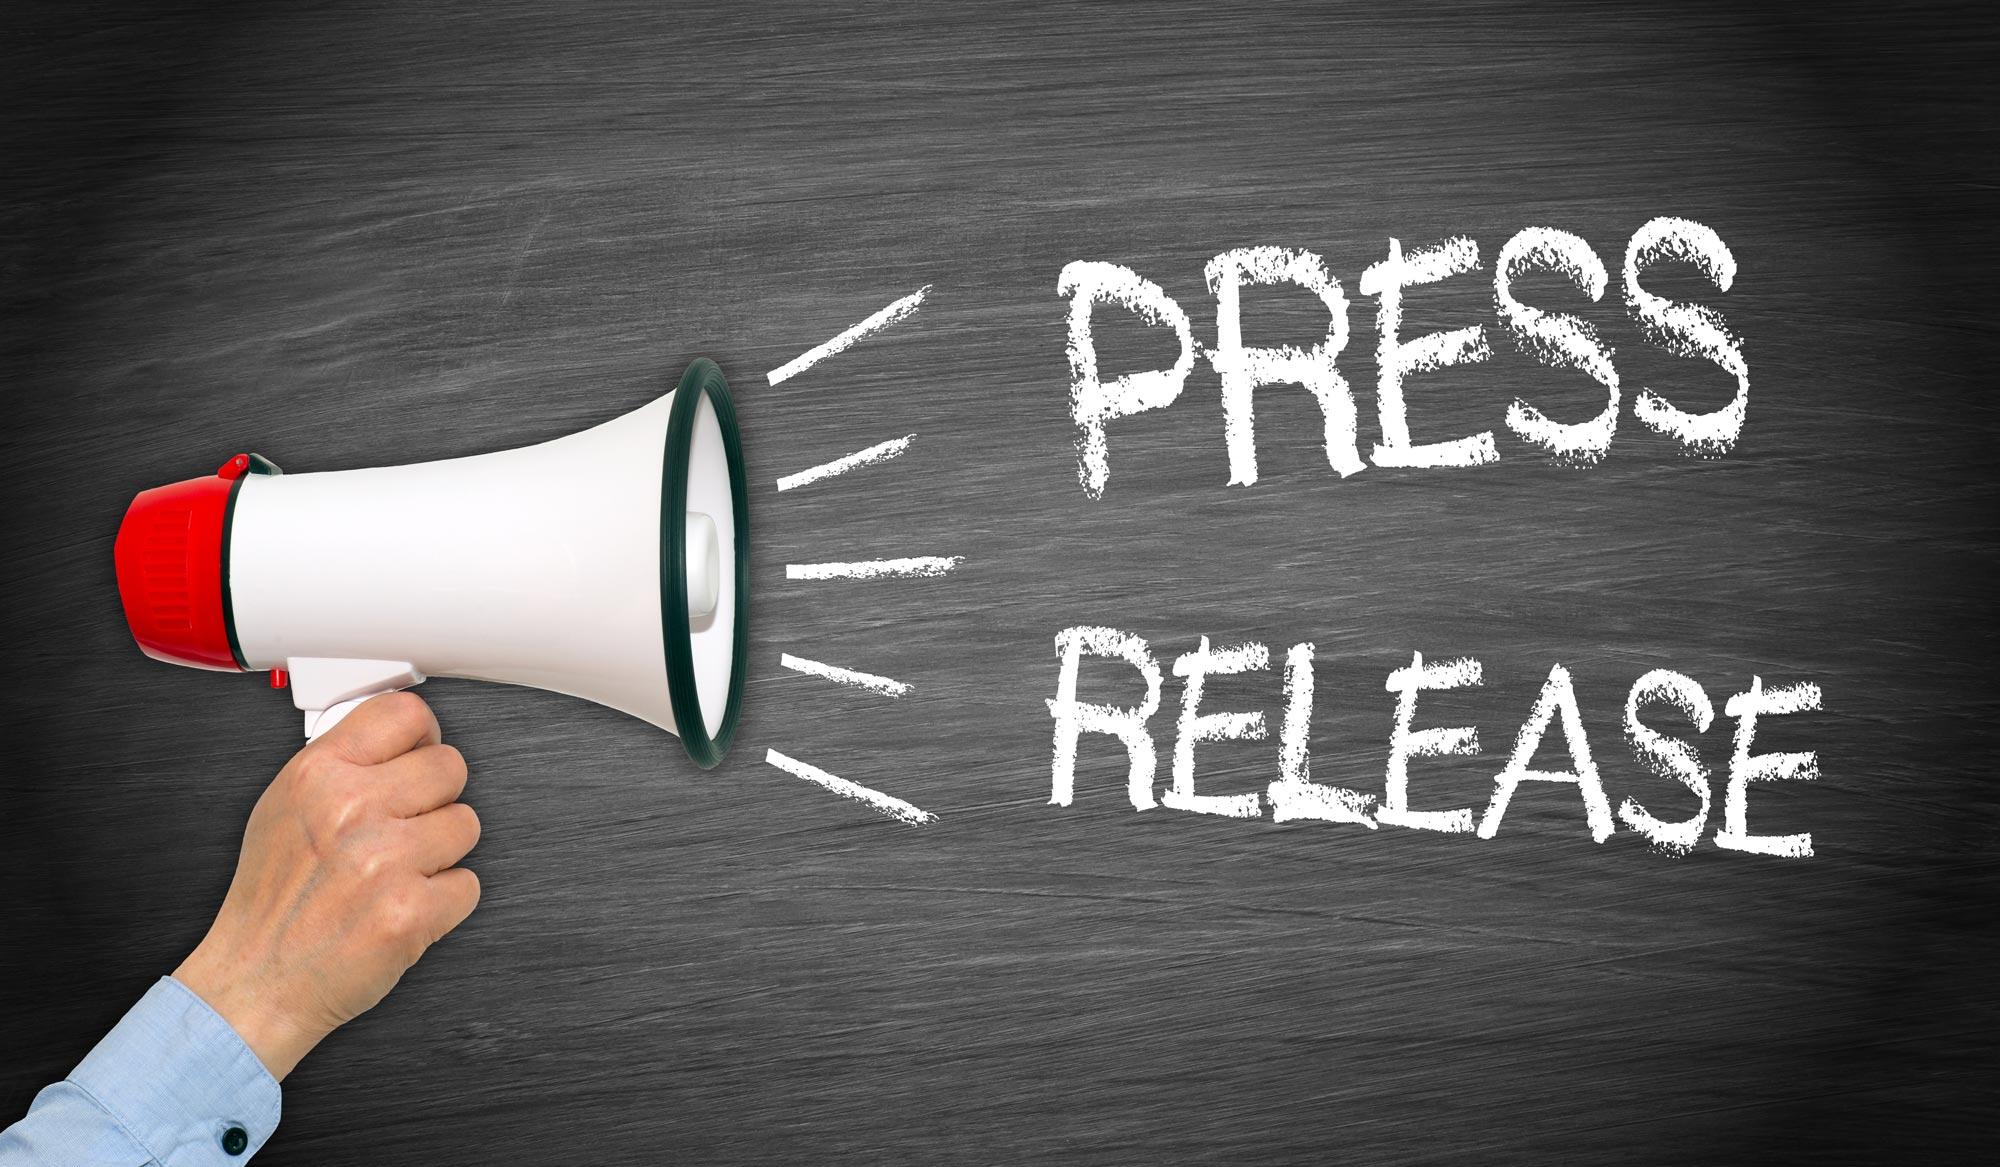 SEAM Press Release